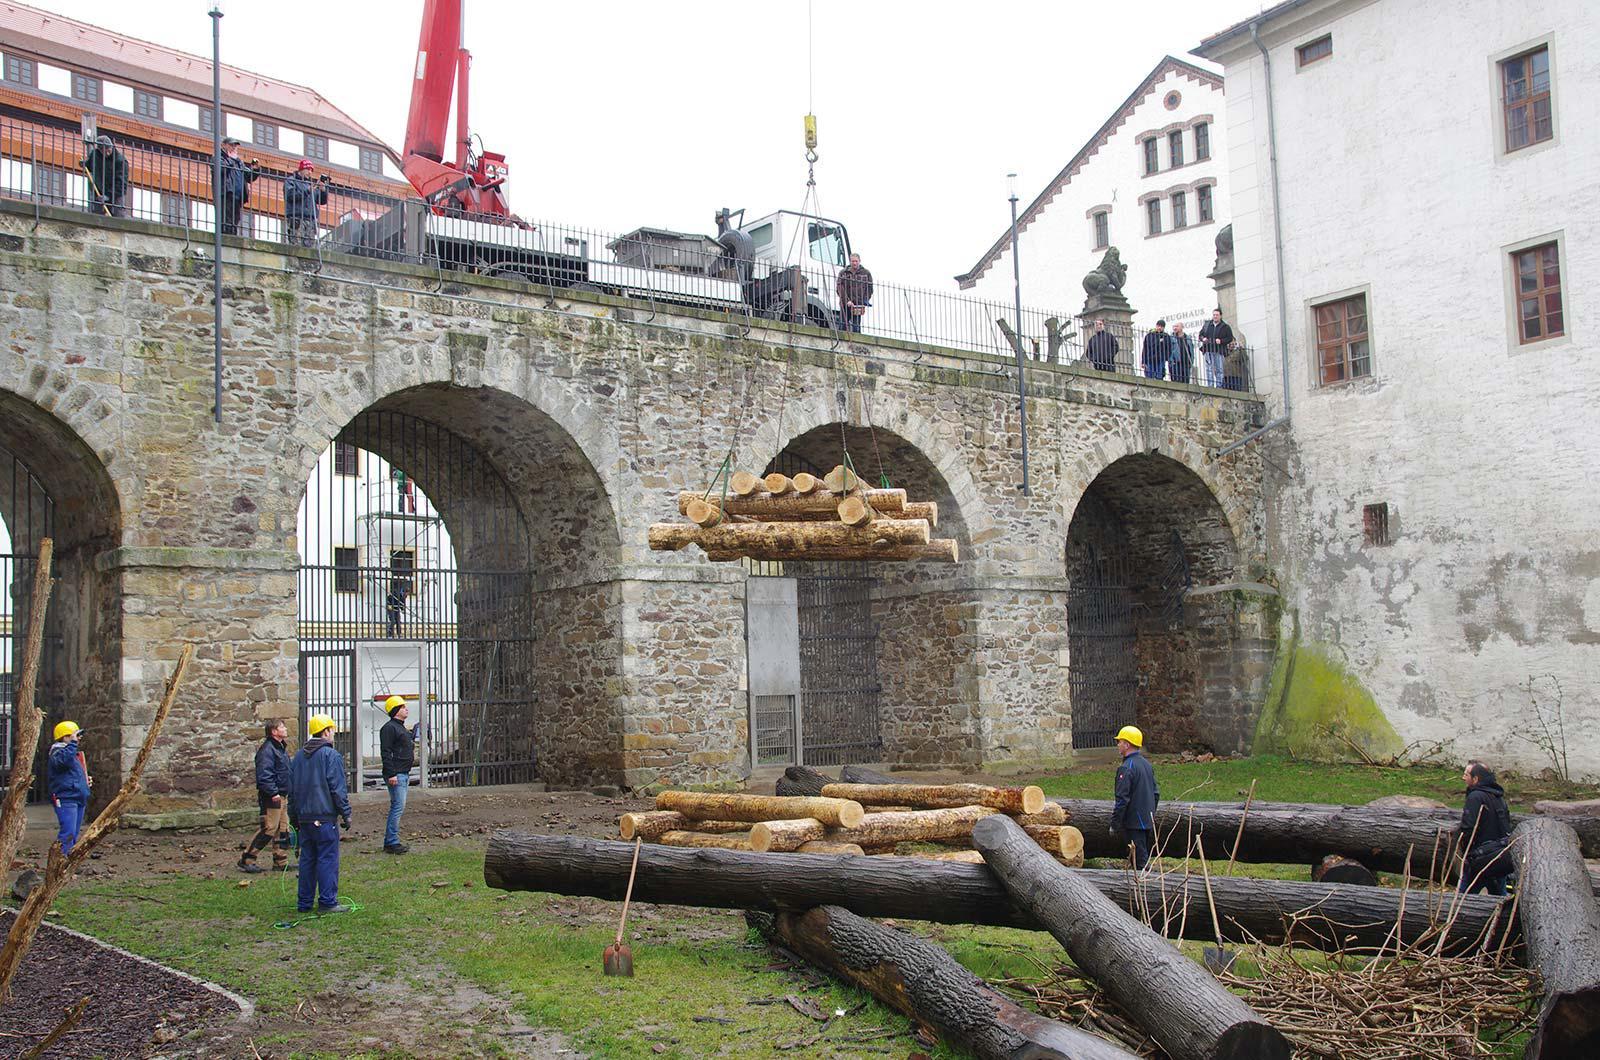 Klettergerüst Burg : Neues klettergerüst für die torgauer bären